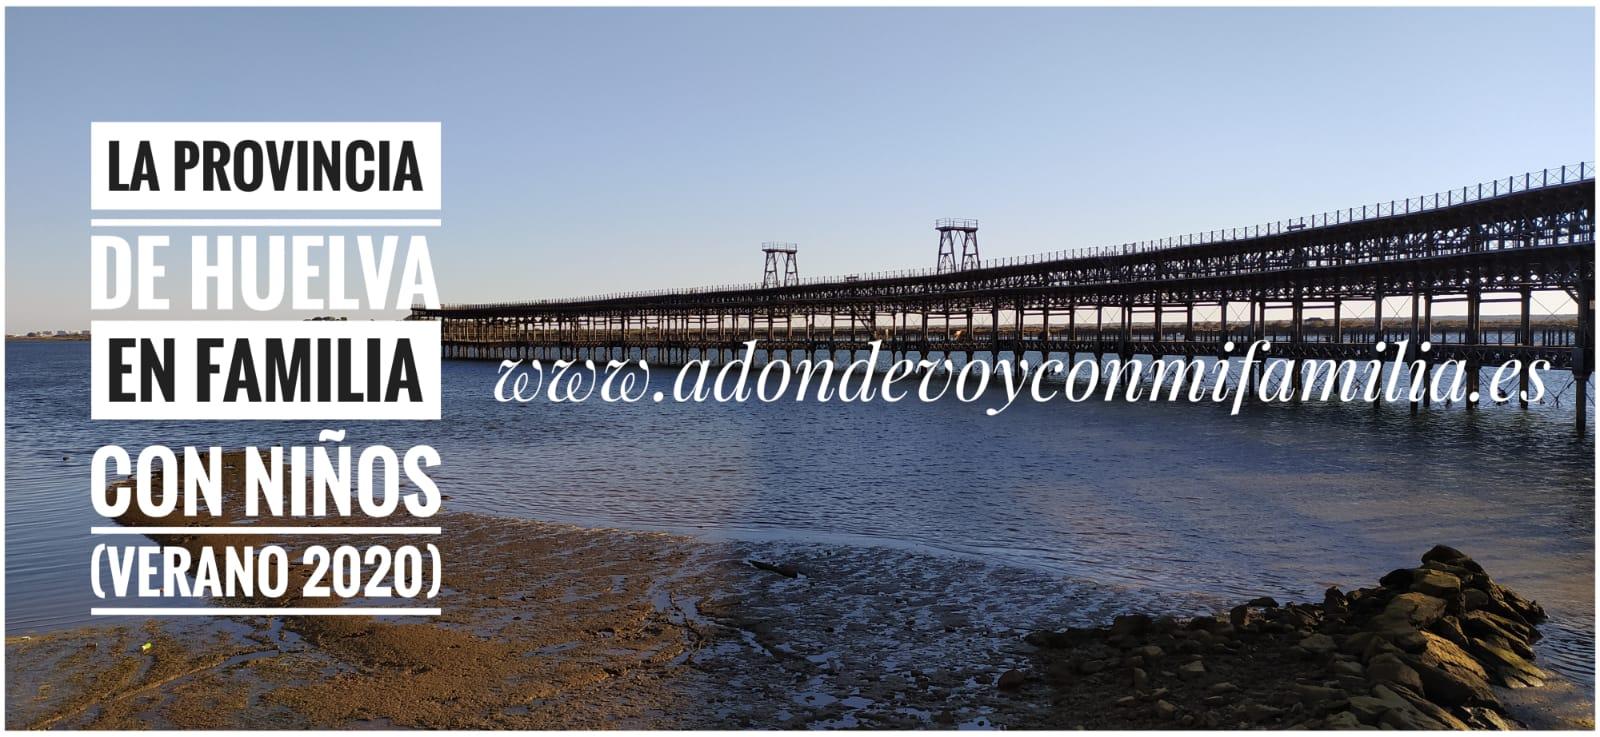 Provincia Huelva 2020 adondevoyconmifamilia